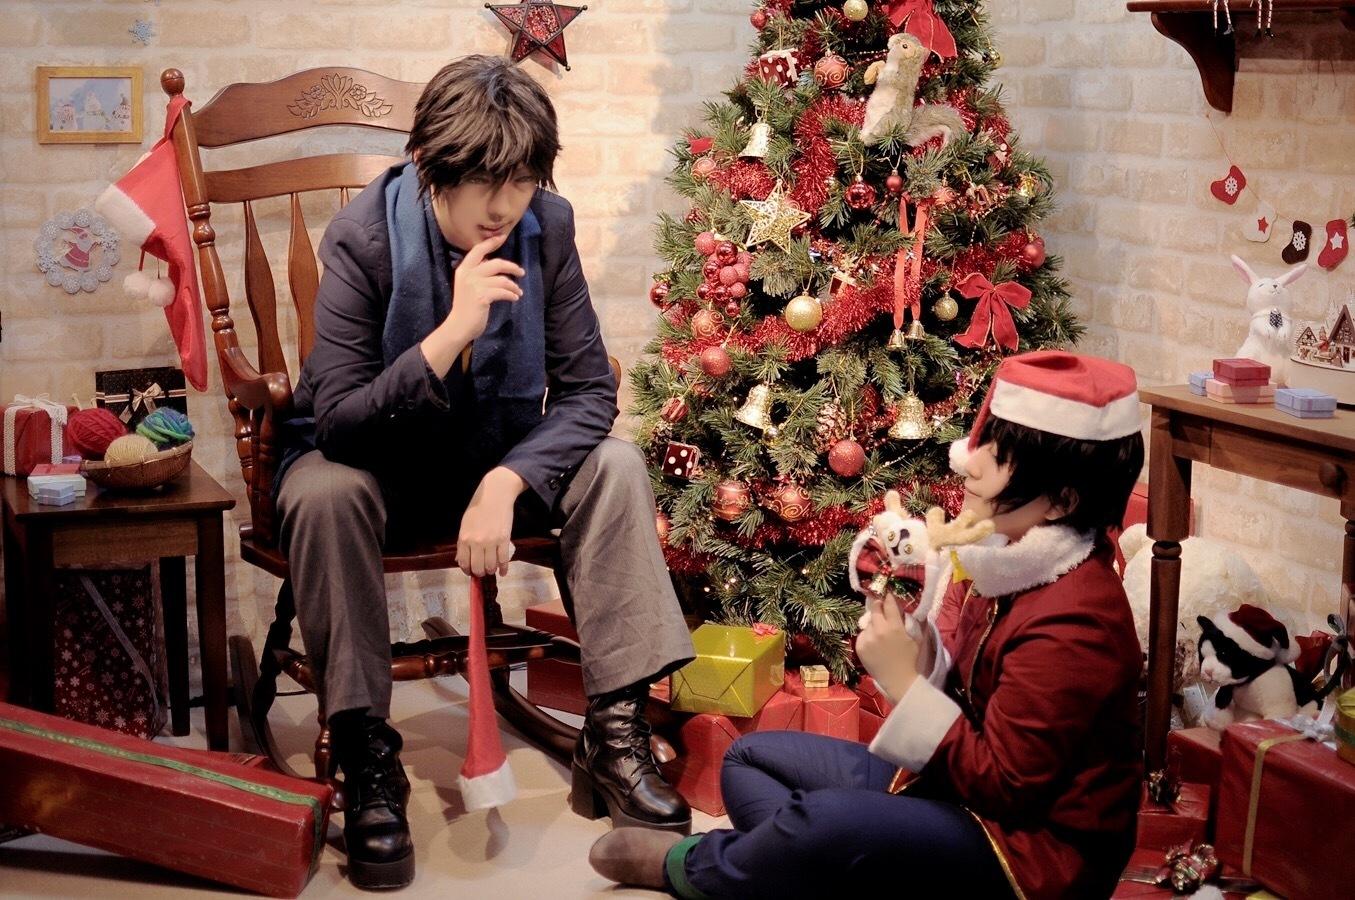 血界クリスマス。_a0157480_15343868.jpeg